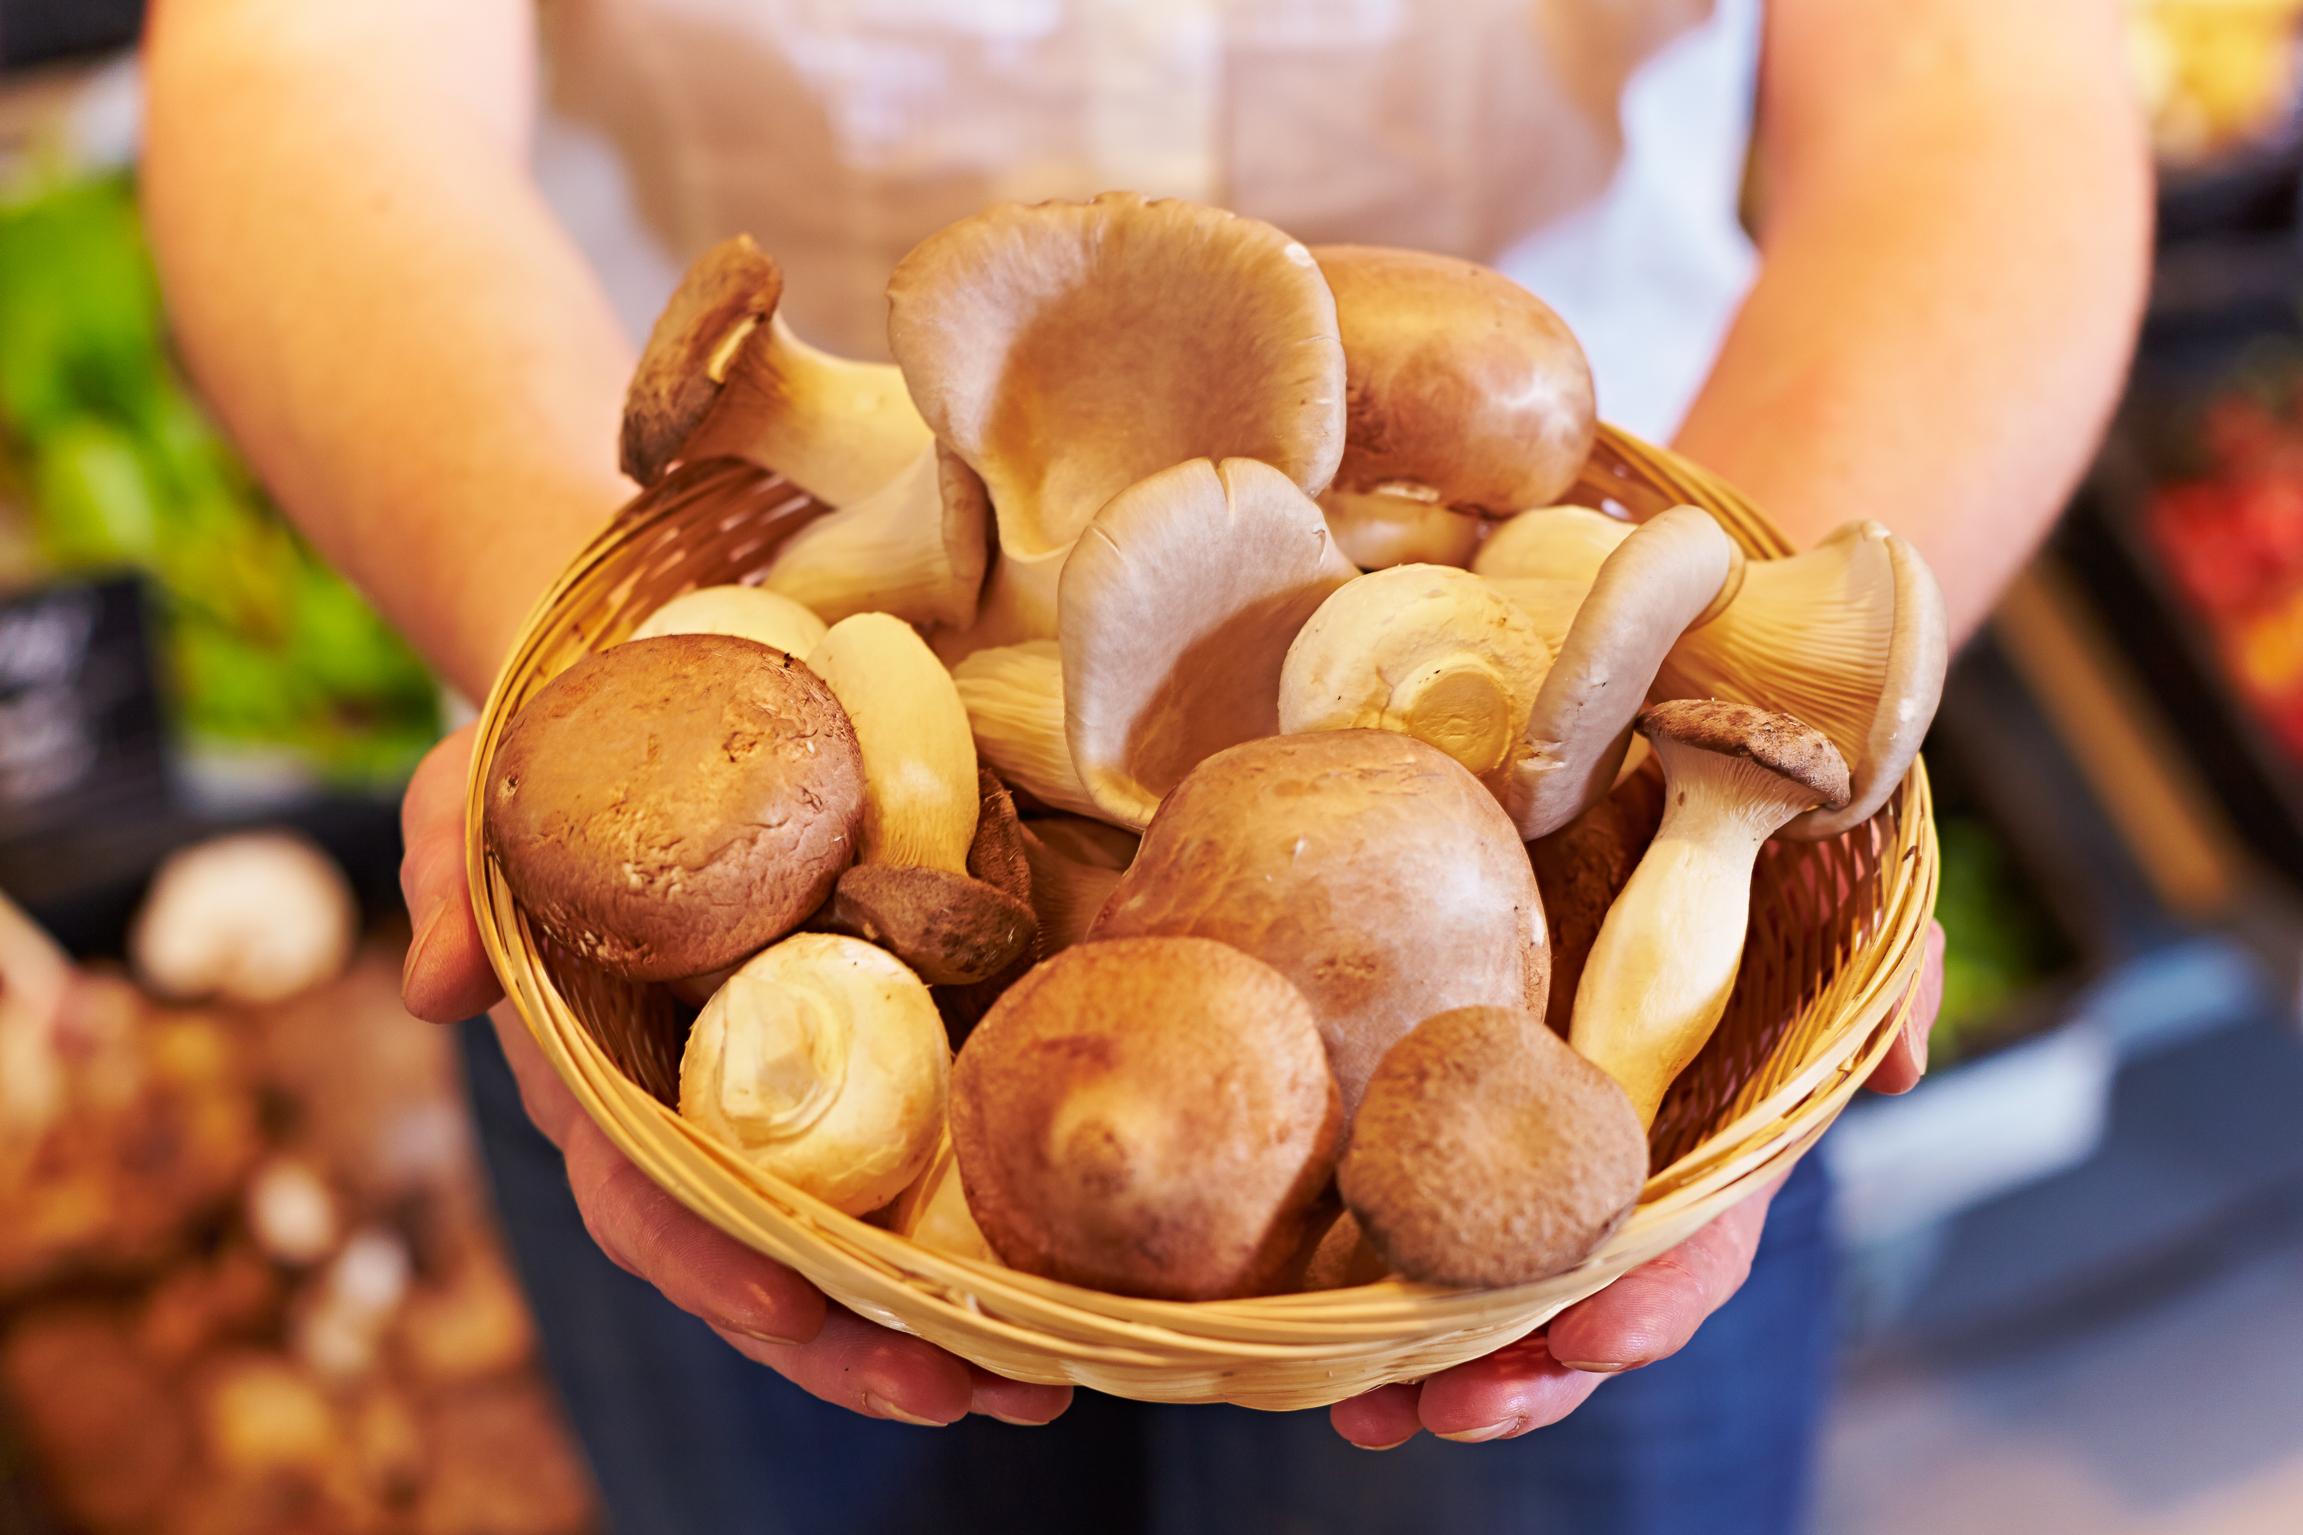 Mushrooms and Health – Speisepilzforschung rund um die Welt